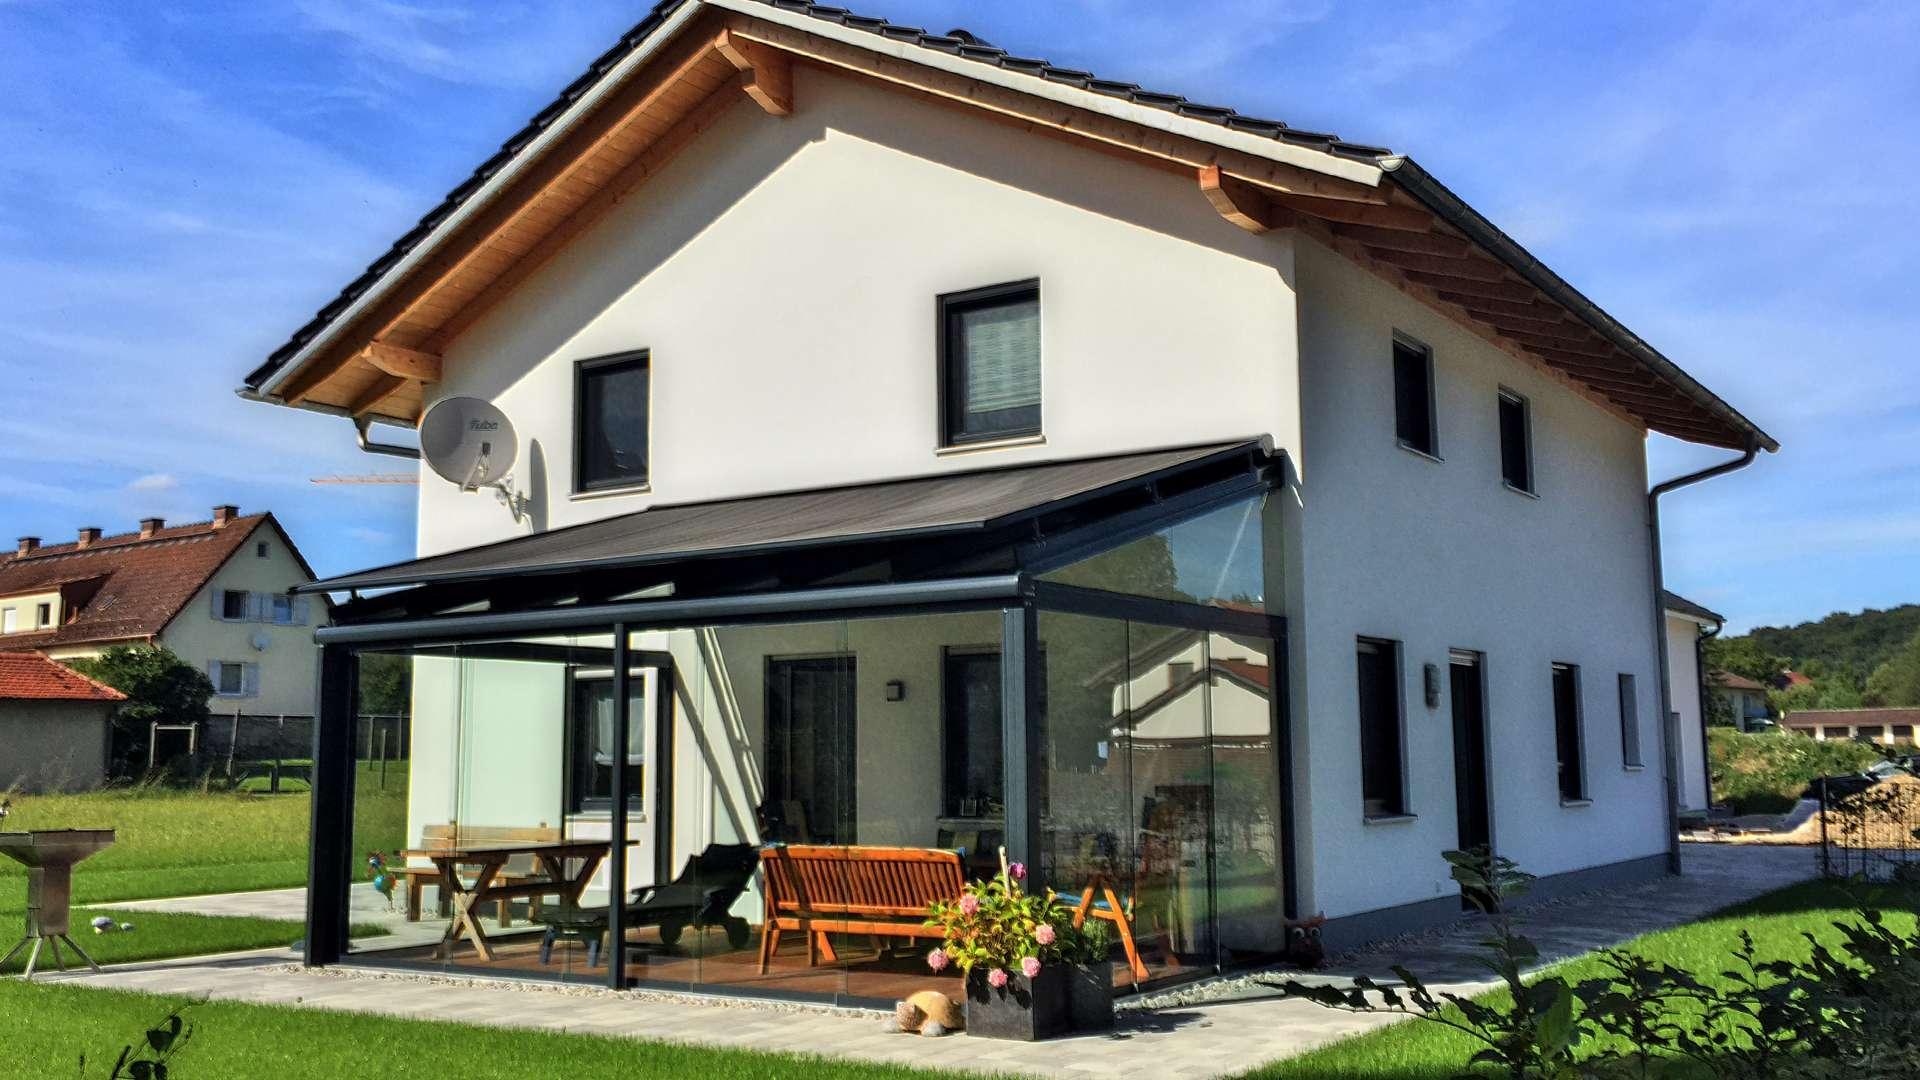 weißes Wohnhaus mit Glashaus mit Aufglasmarkise auf der Terrasse und großem Garten